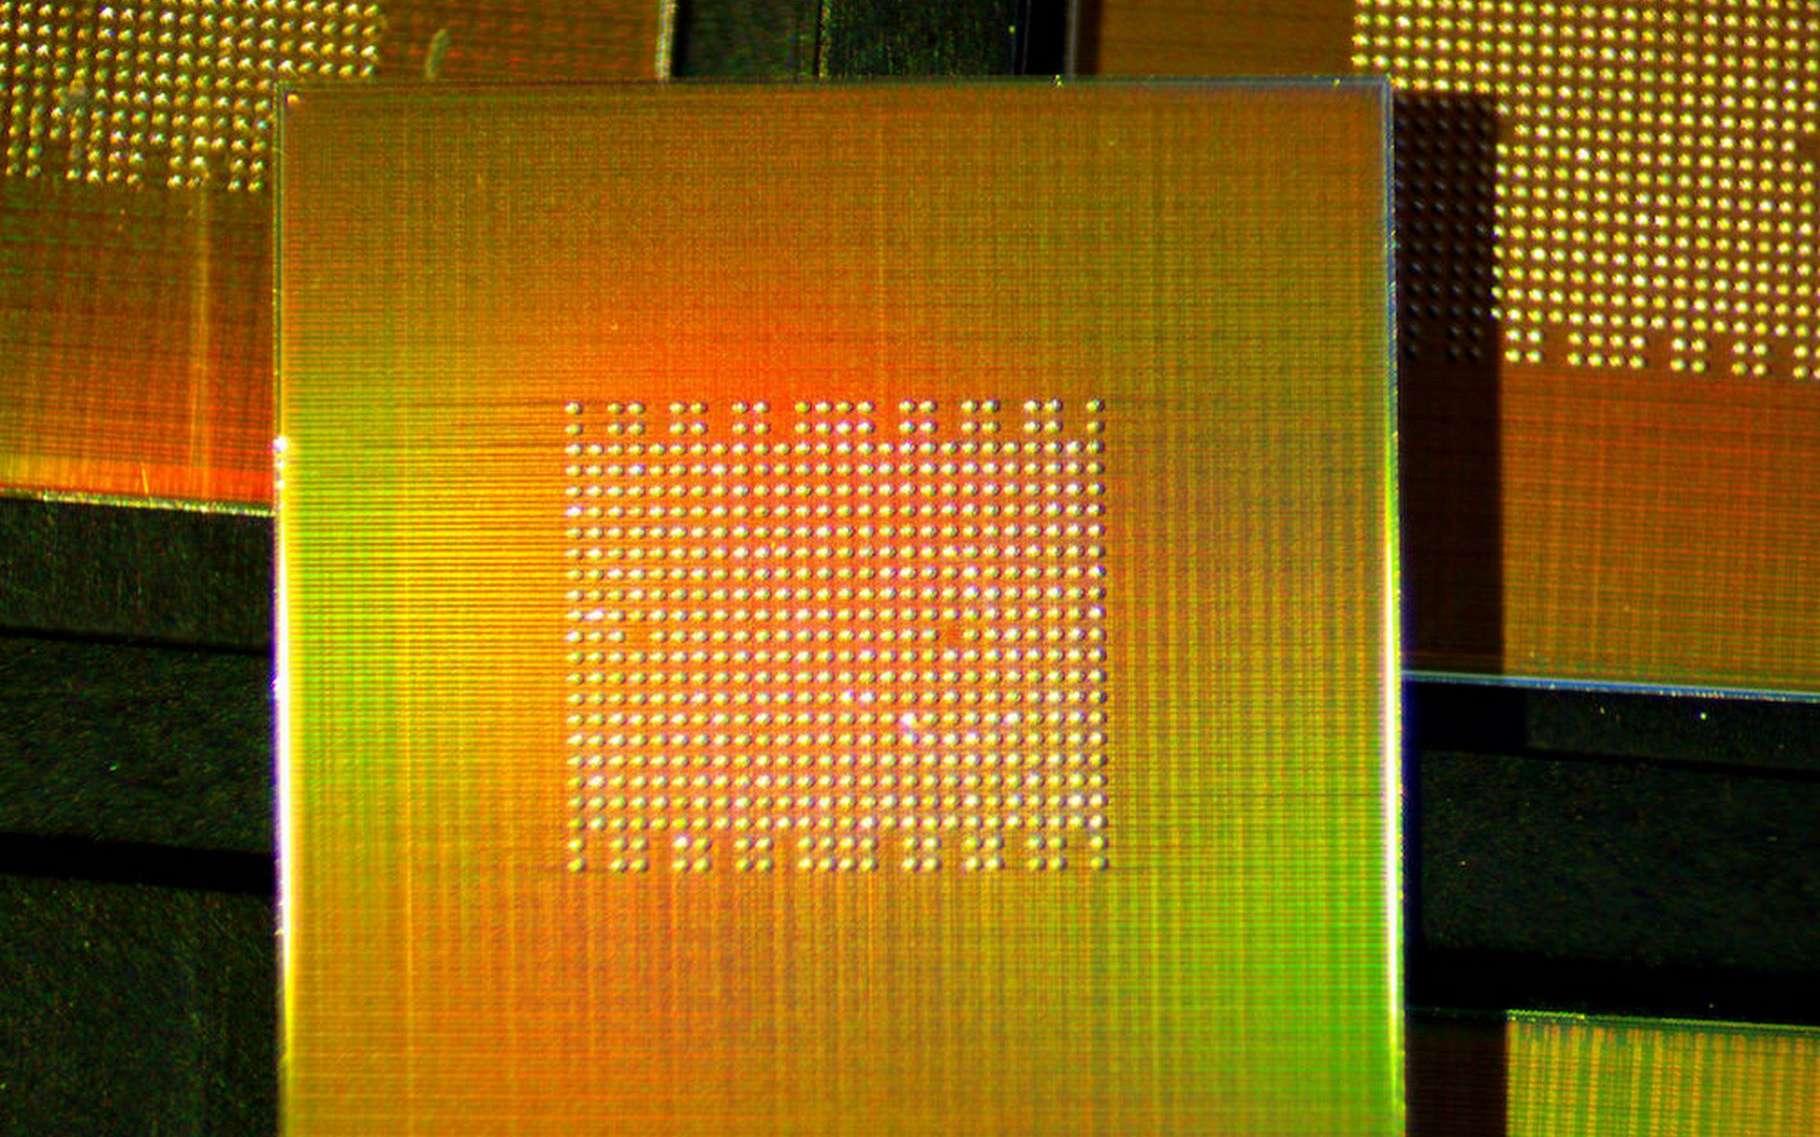 Sur cette puce électronique se trouvent 1.000 processeurs de calcul de 1,78 GHz qui fonctionnent de manière totalement indépendante. © Andy Fell, UC Davis